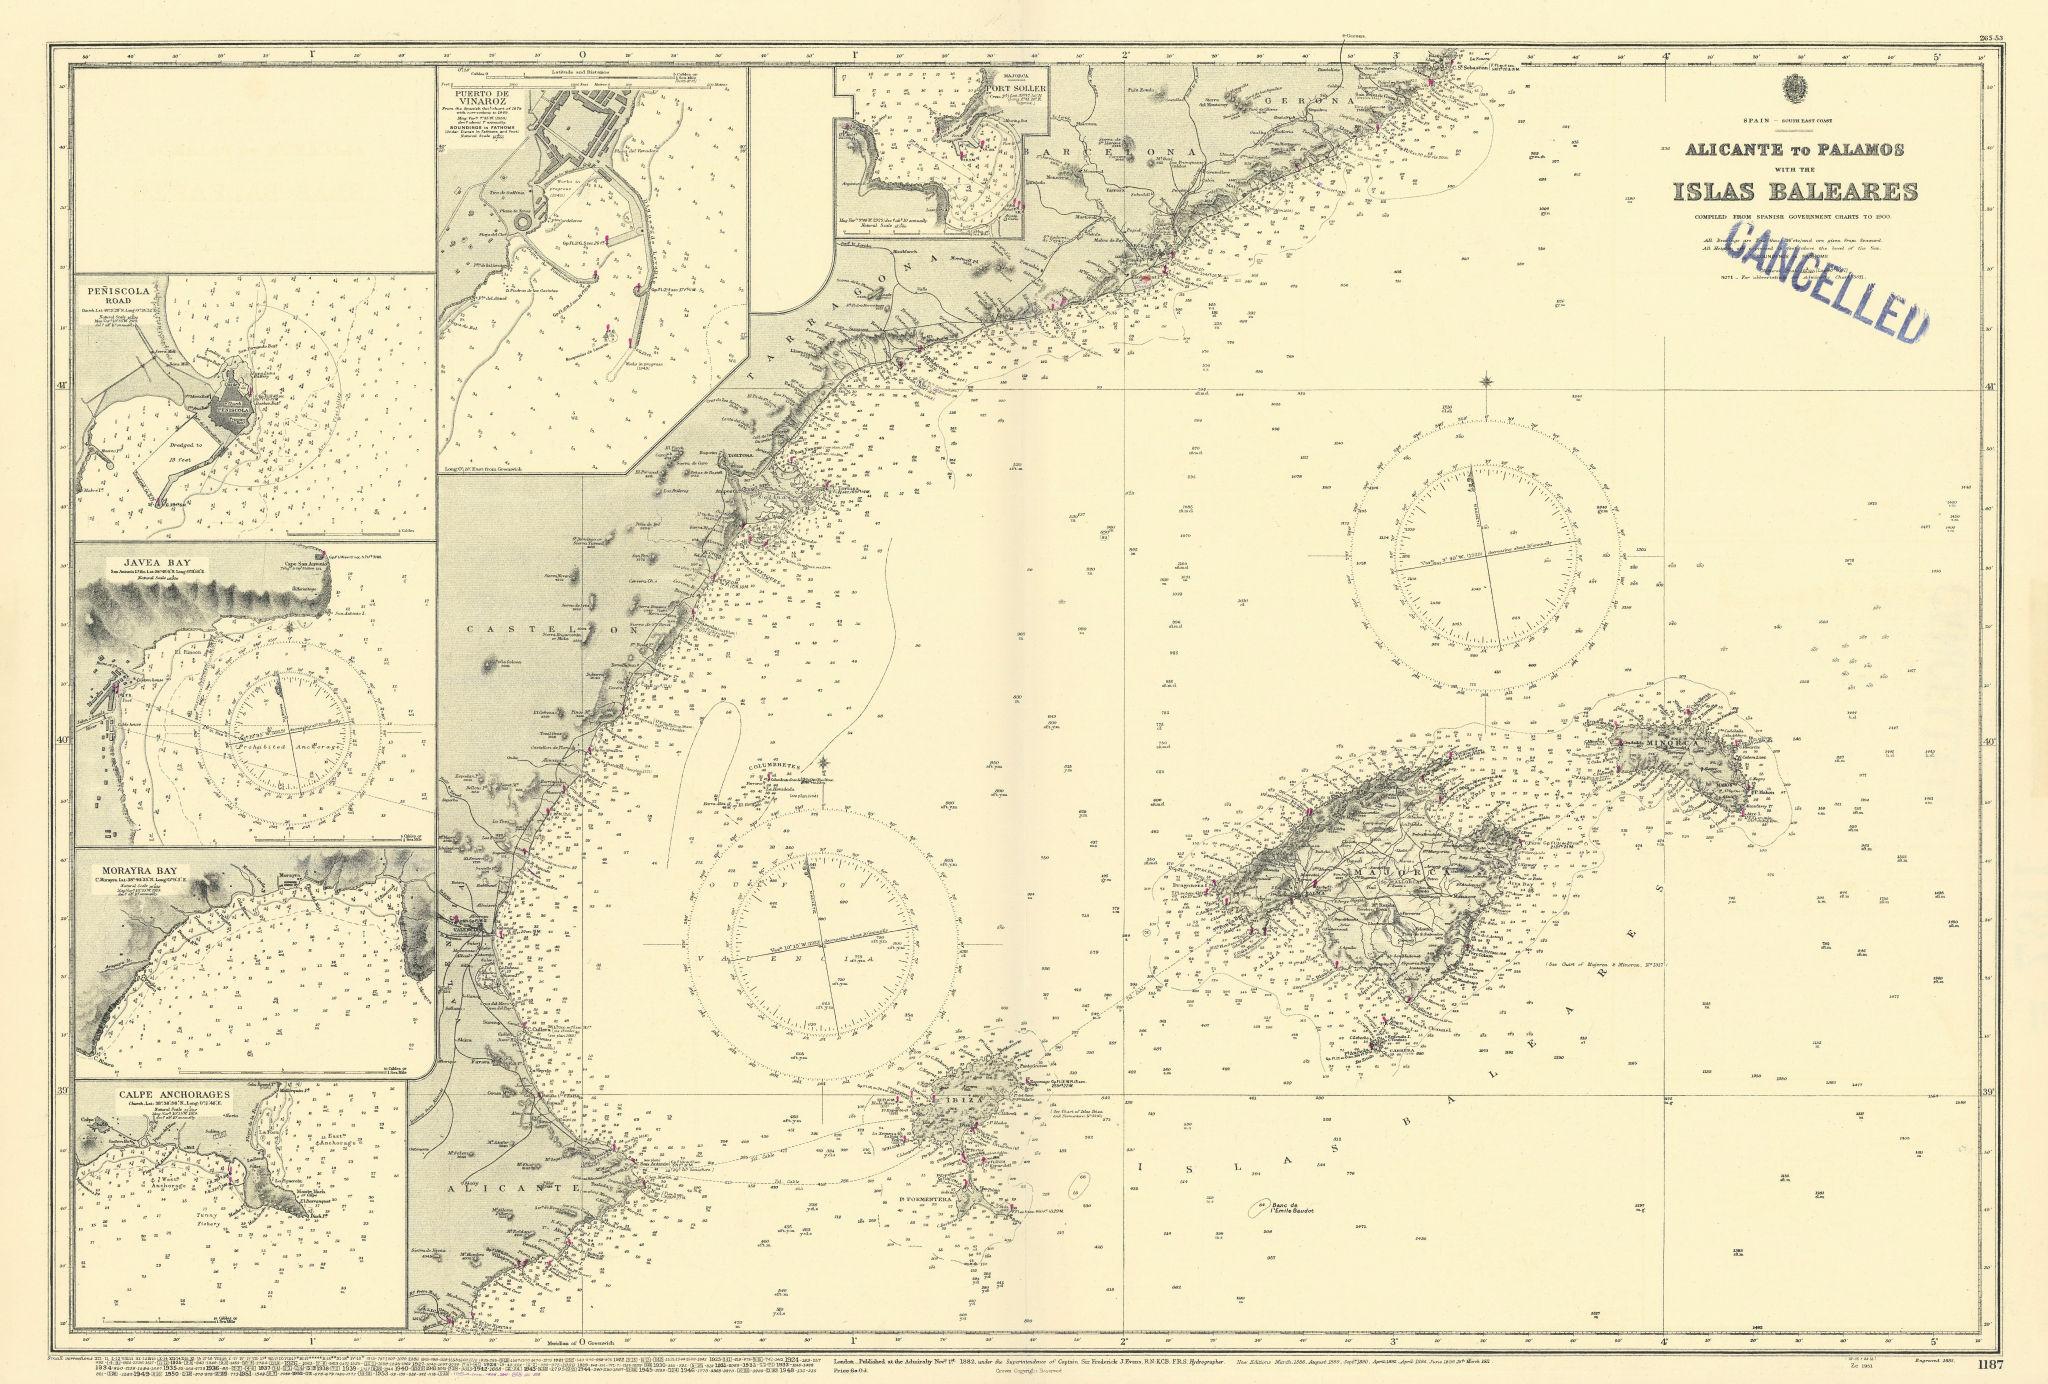 Balearics Catalunya Valencia coast ports ADMIRALTY sea chart 1882 (1955) map